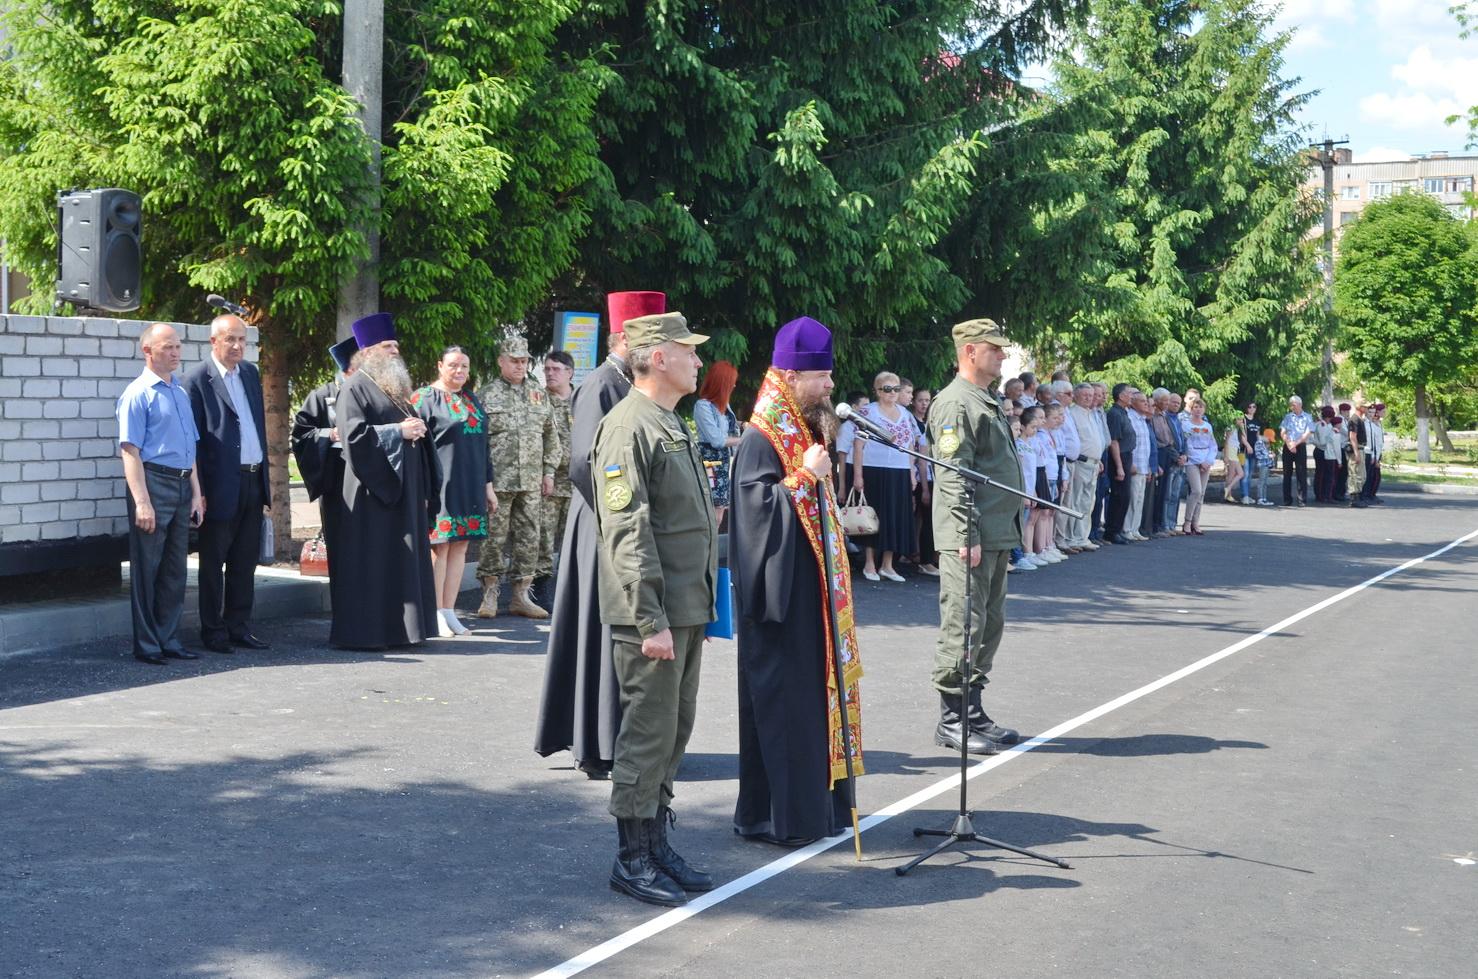 Єпископ УПЦ освятив пам'ятник загиблим українським військовослужбовцям